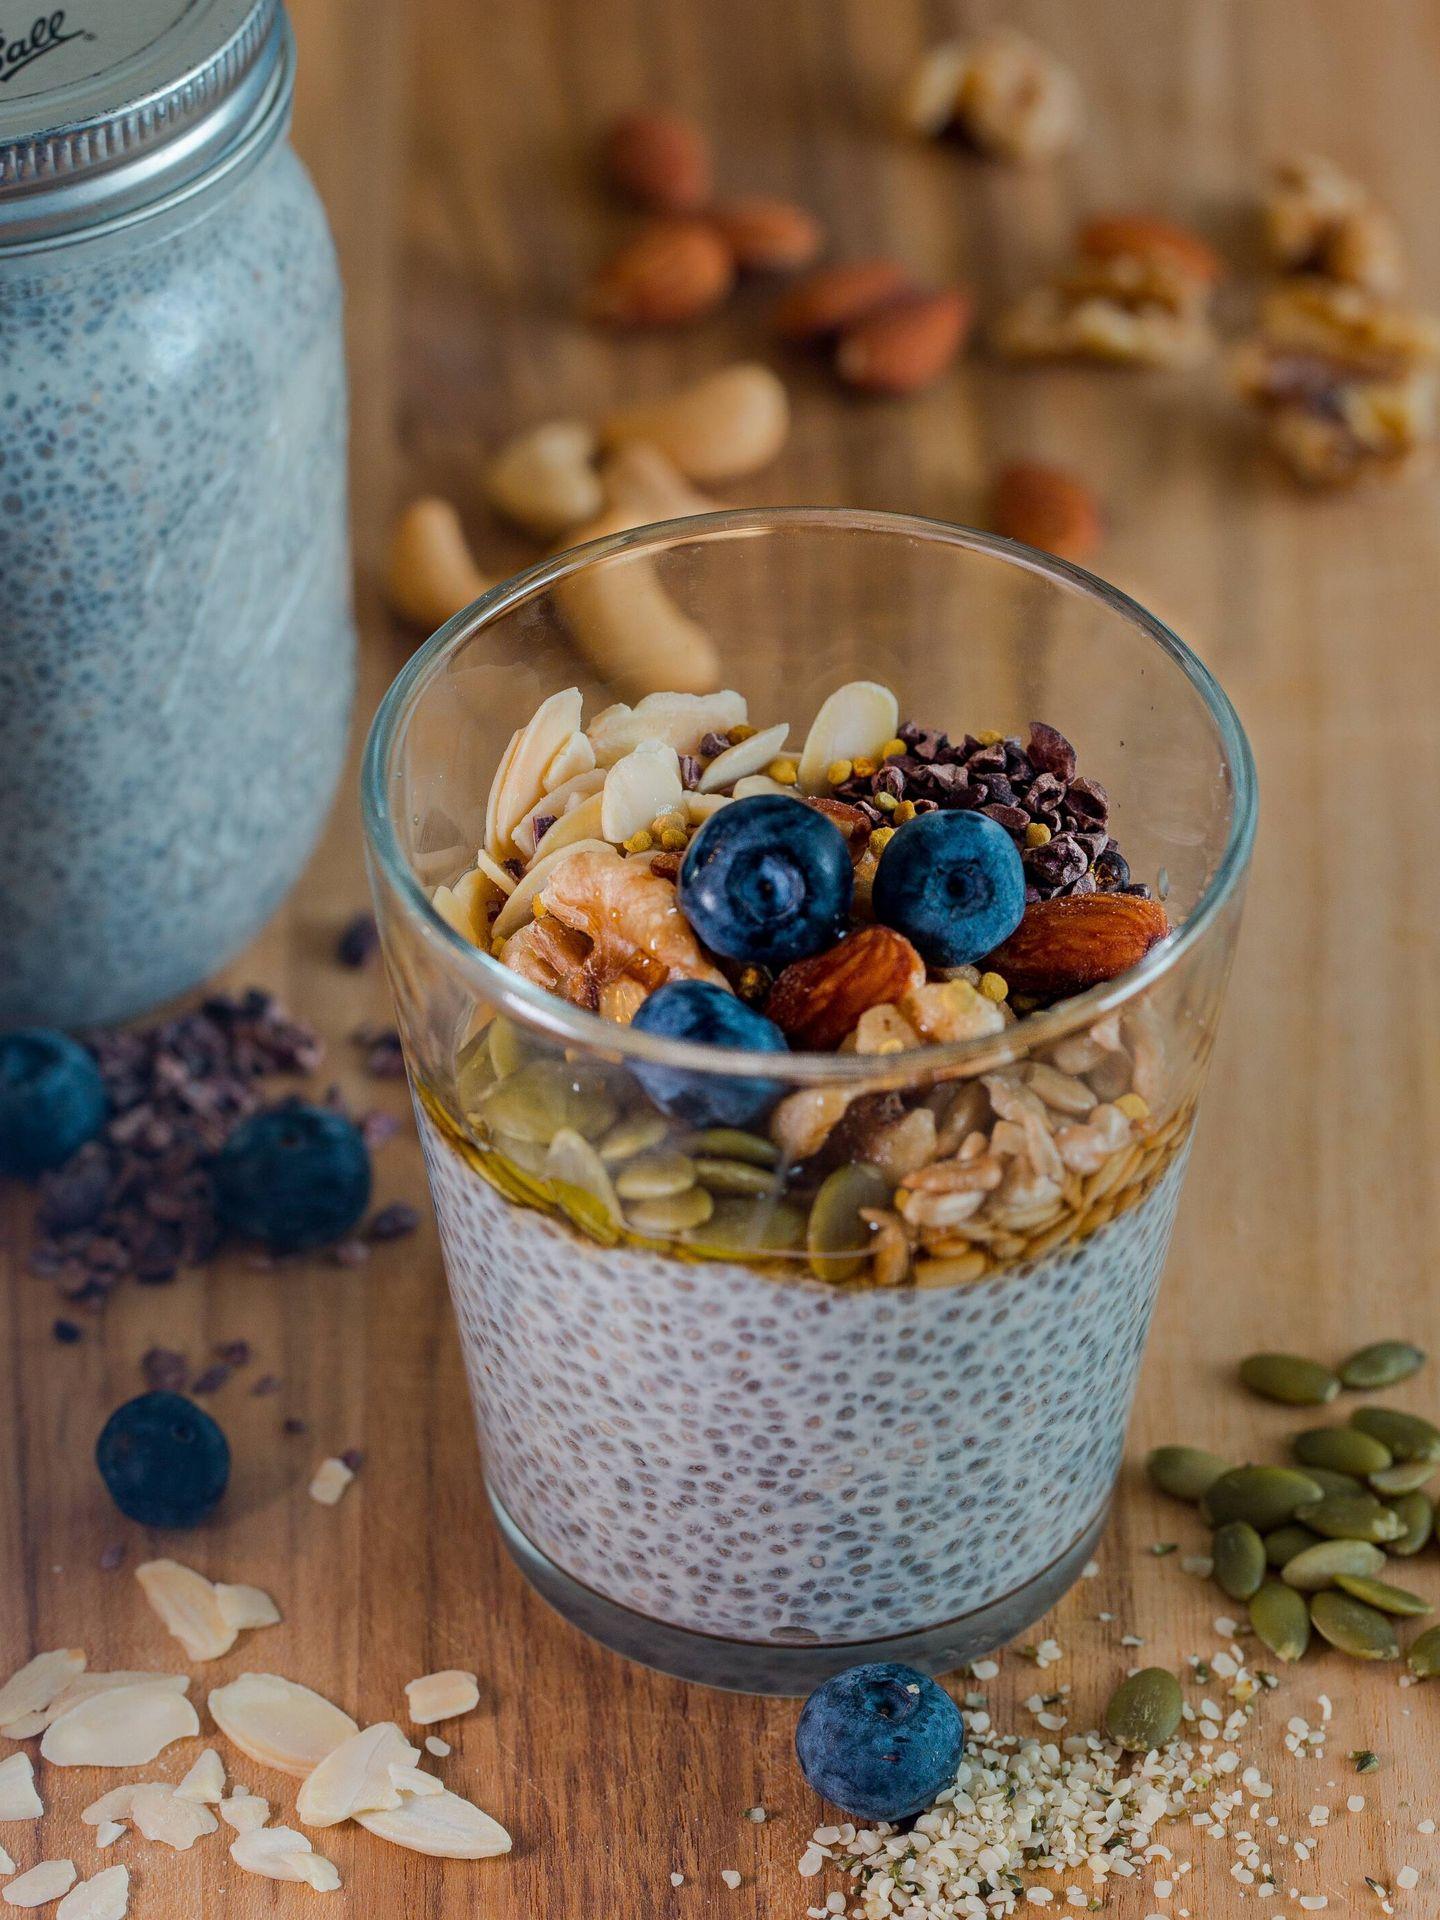 Semillas comestibles para perder peso de forma saludable. (Ash Edmonds para Unsplash)